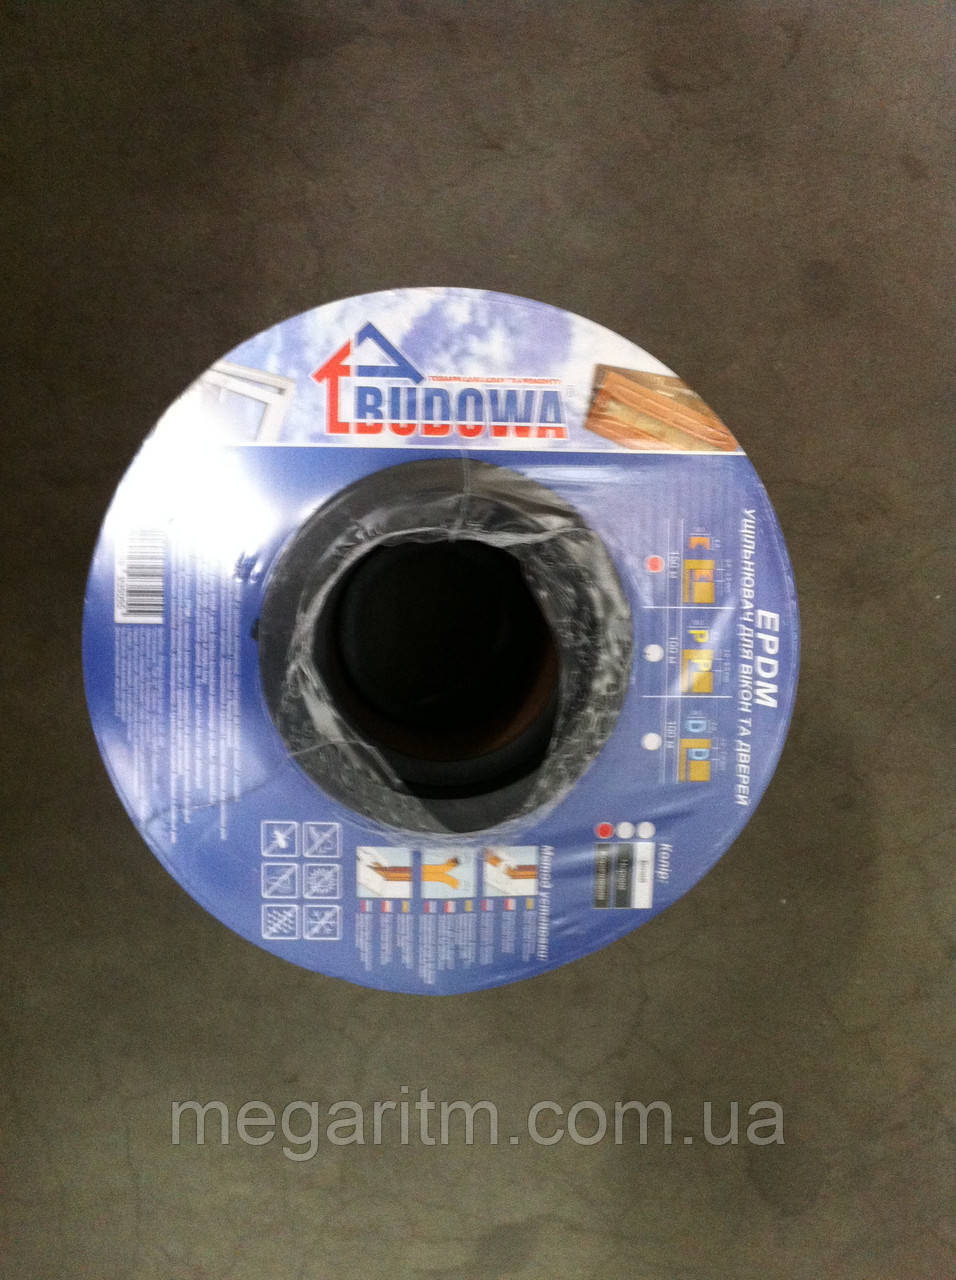 """Уплотнитель самоклеющийся """"Budowa"""" D100 коричневый, 9*7,5 мм"""